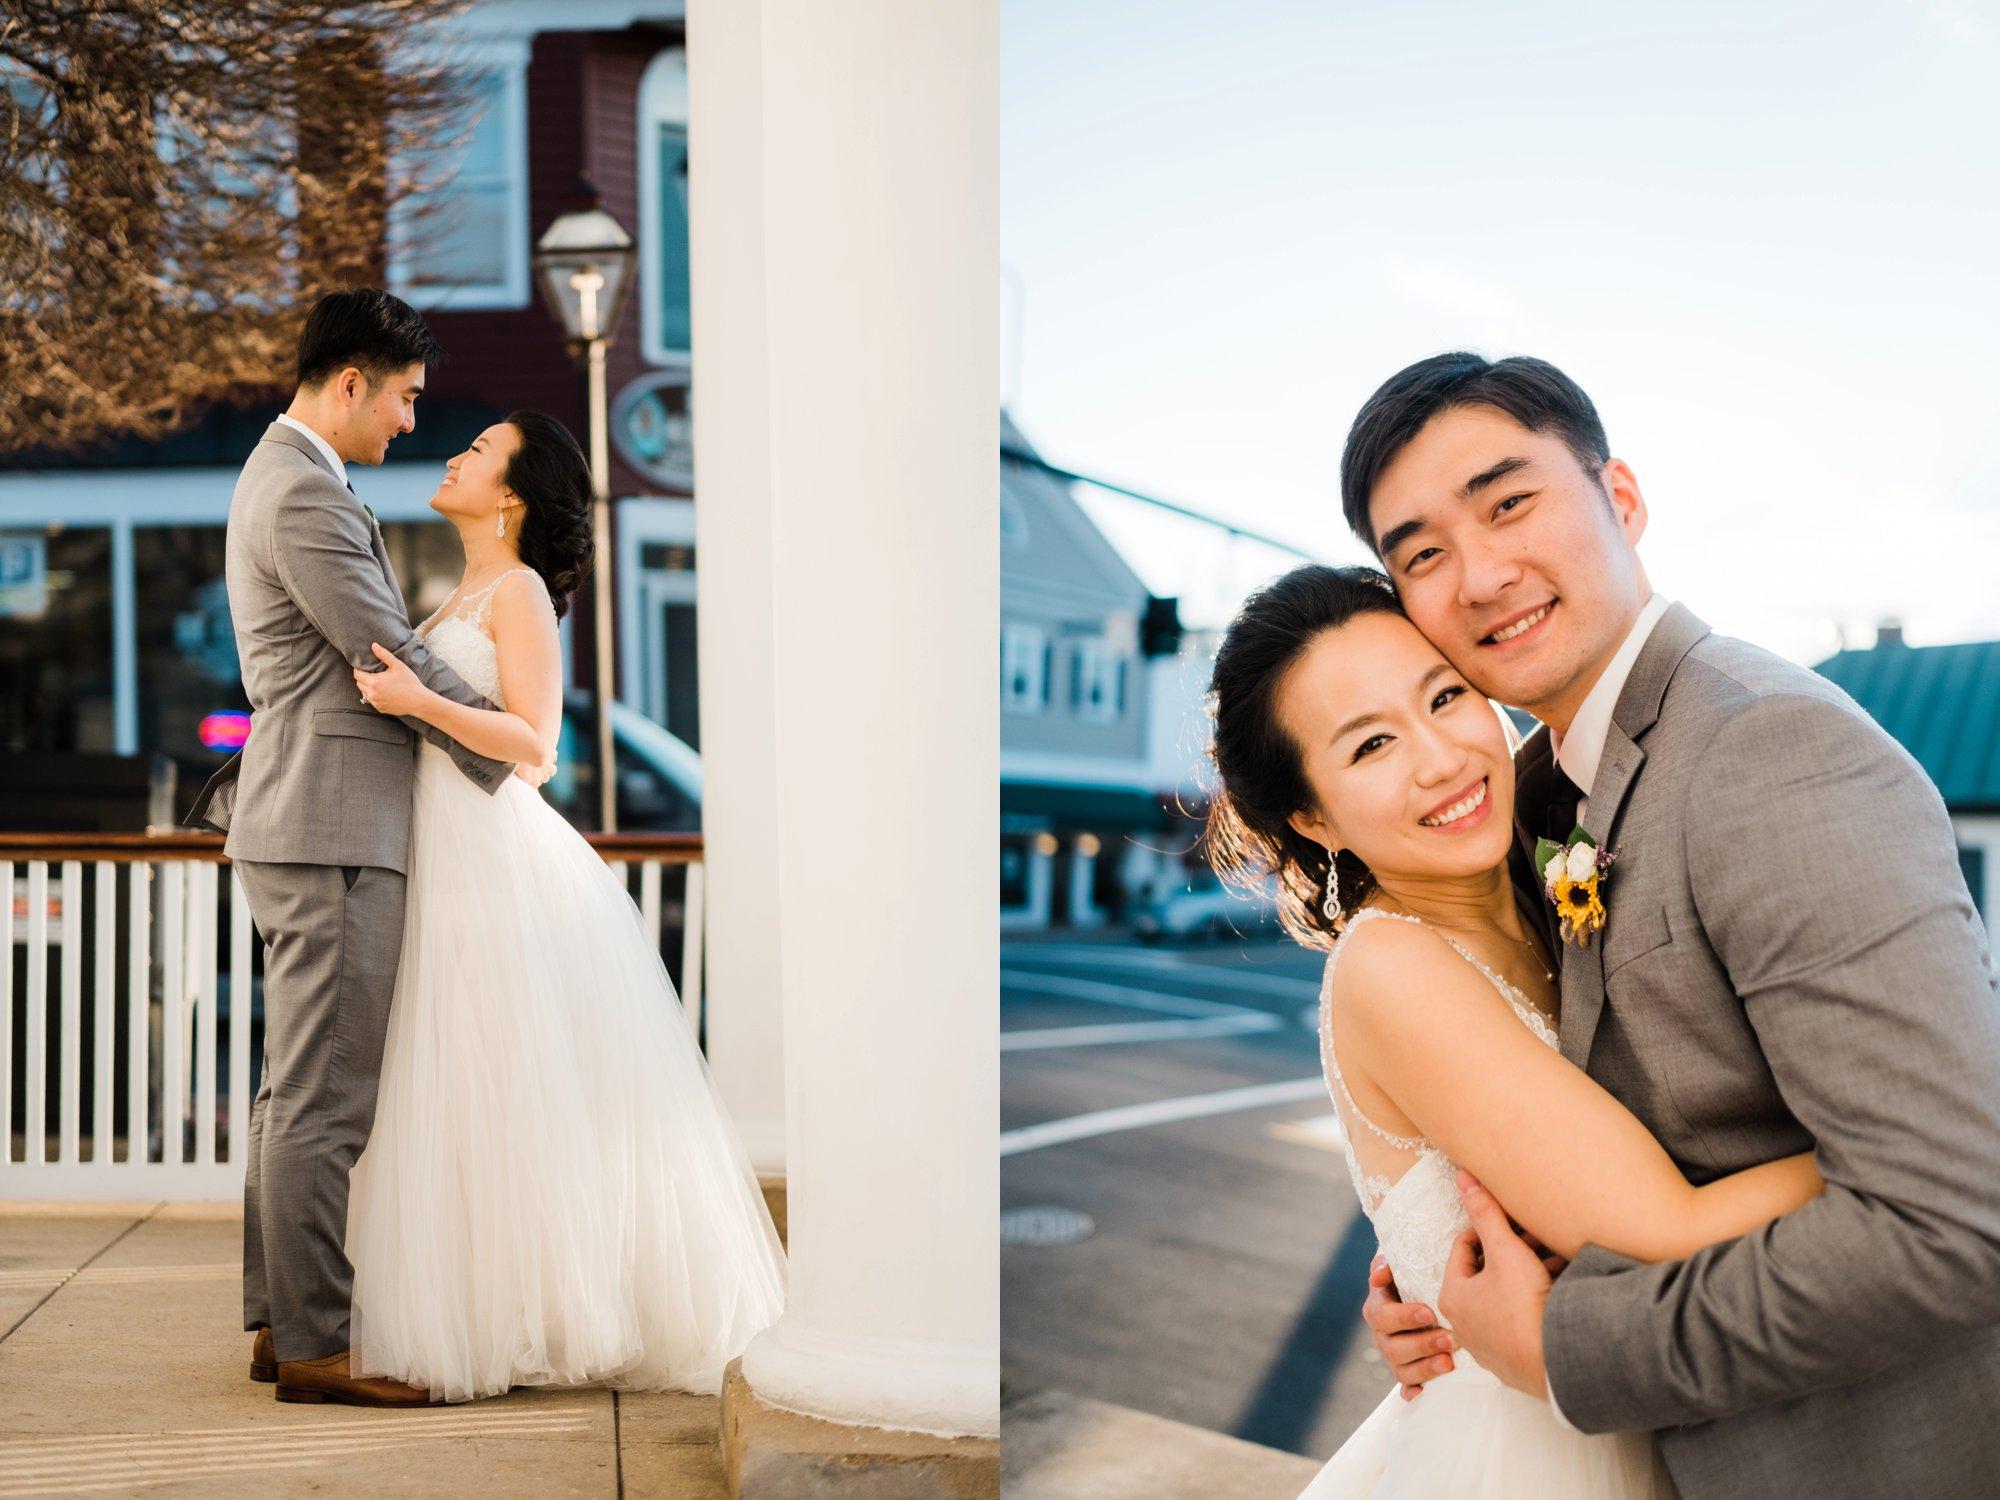 fairfax-dc-wedding-old-city-hall_0093.jpg